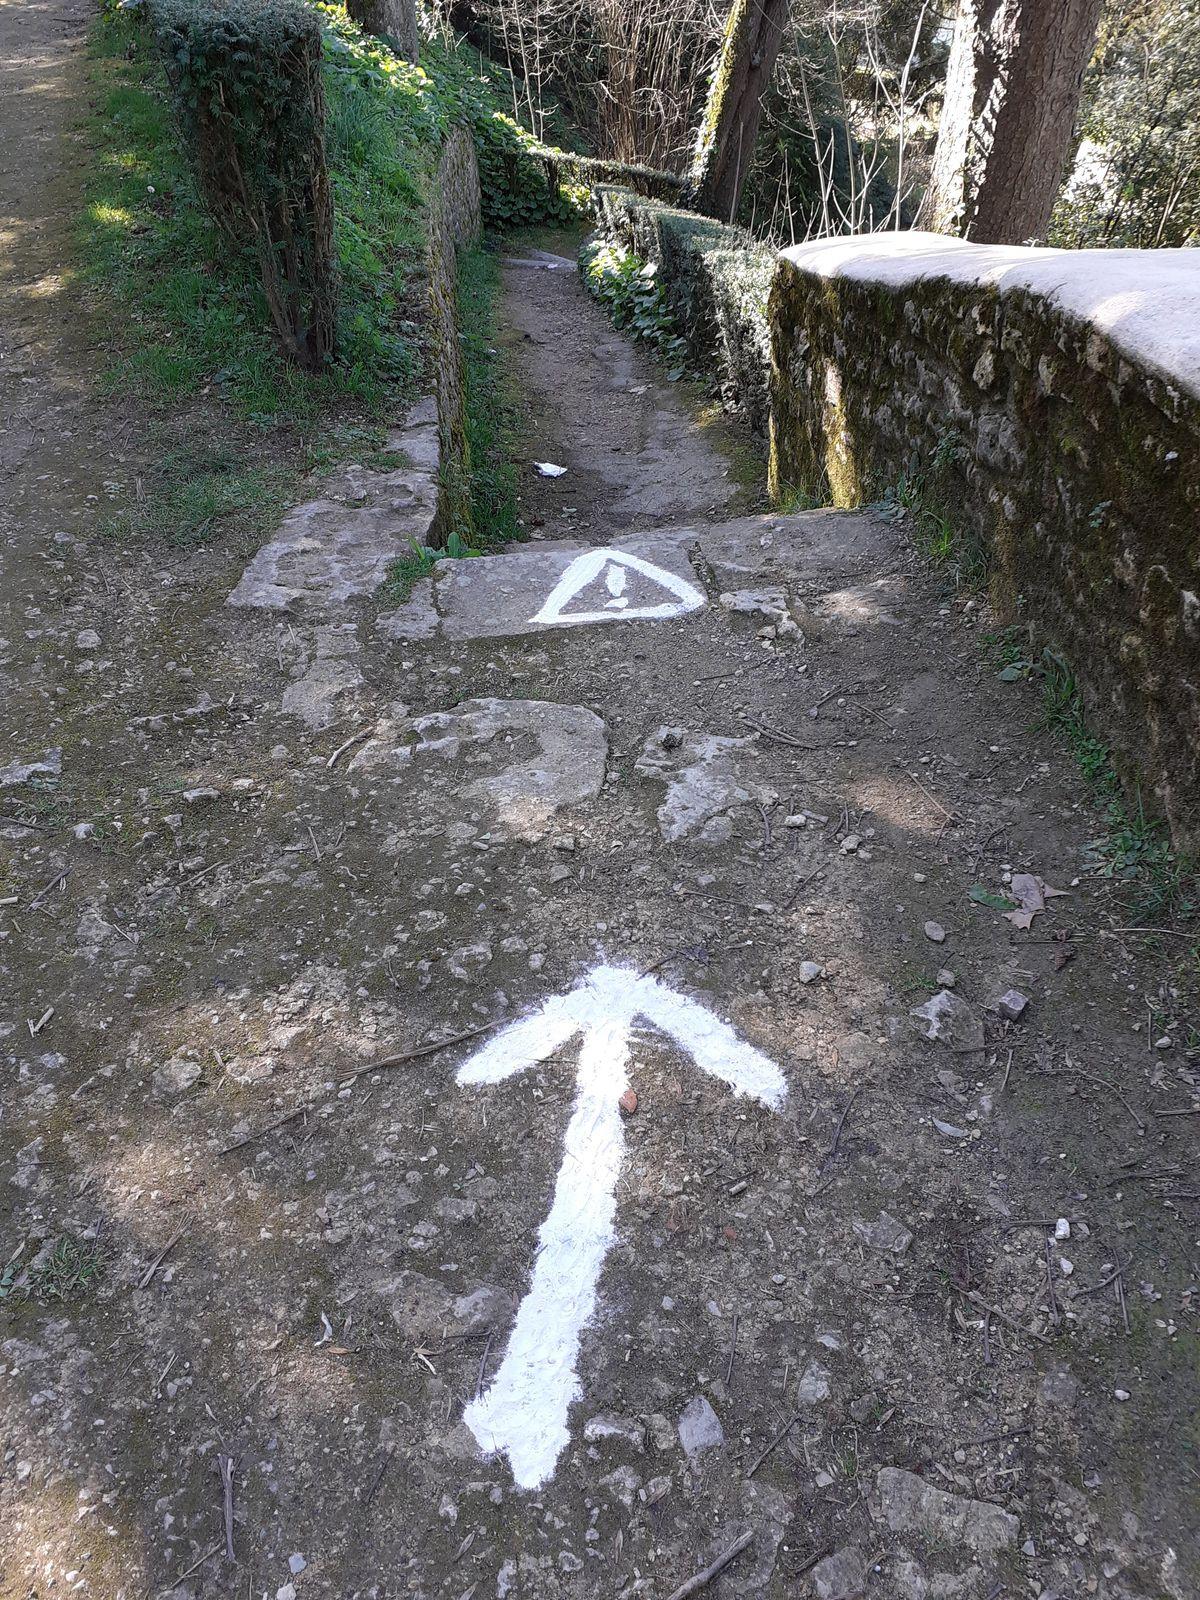 PHOTOS DU CIRCUIT DE 3 kms